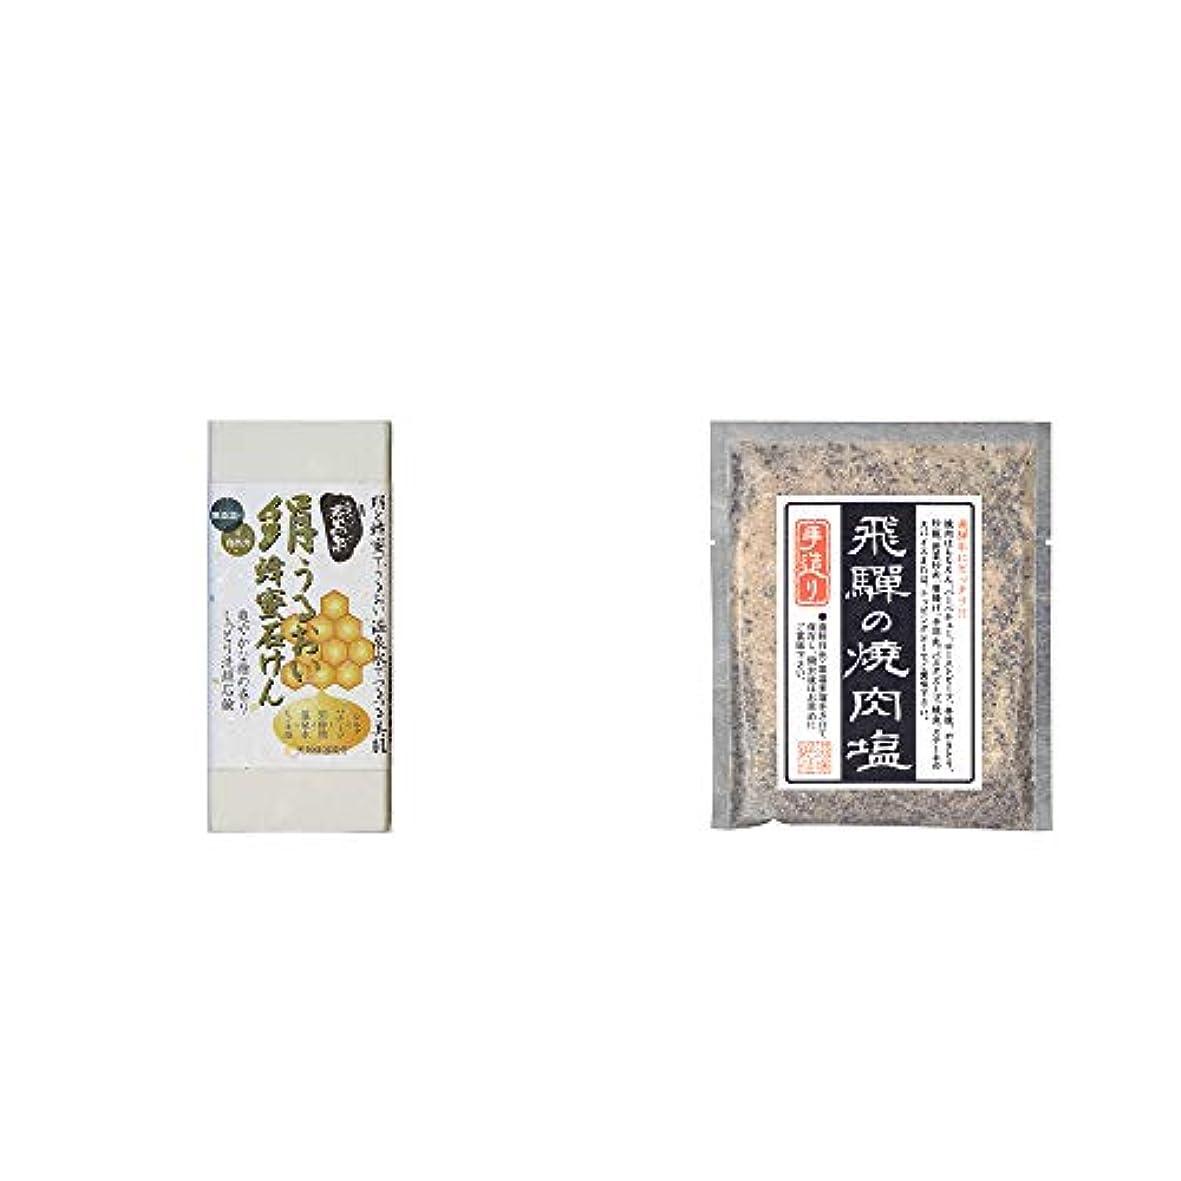 座標オレンジクスコ[2点セット] ひのき炭黒泉 絹うるおい蜂蜜石けん(75g×2)?手造り 飛騨の焼肉塩(80g)